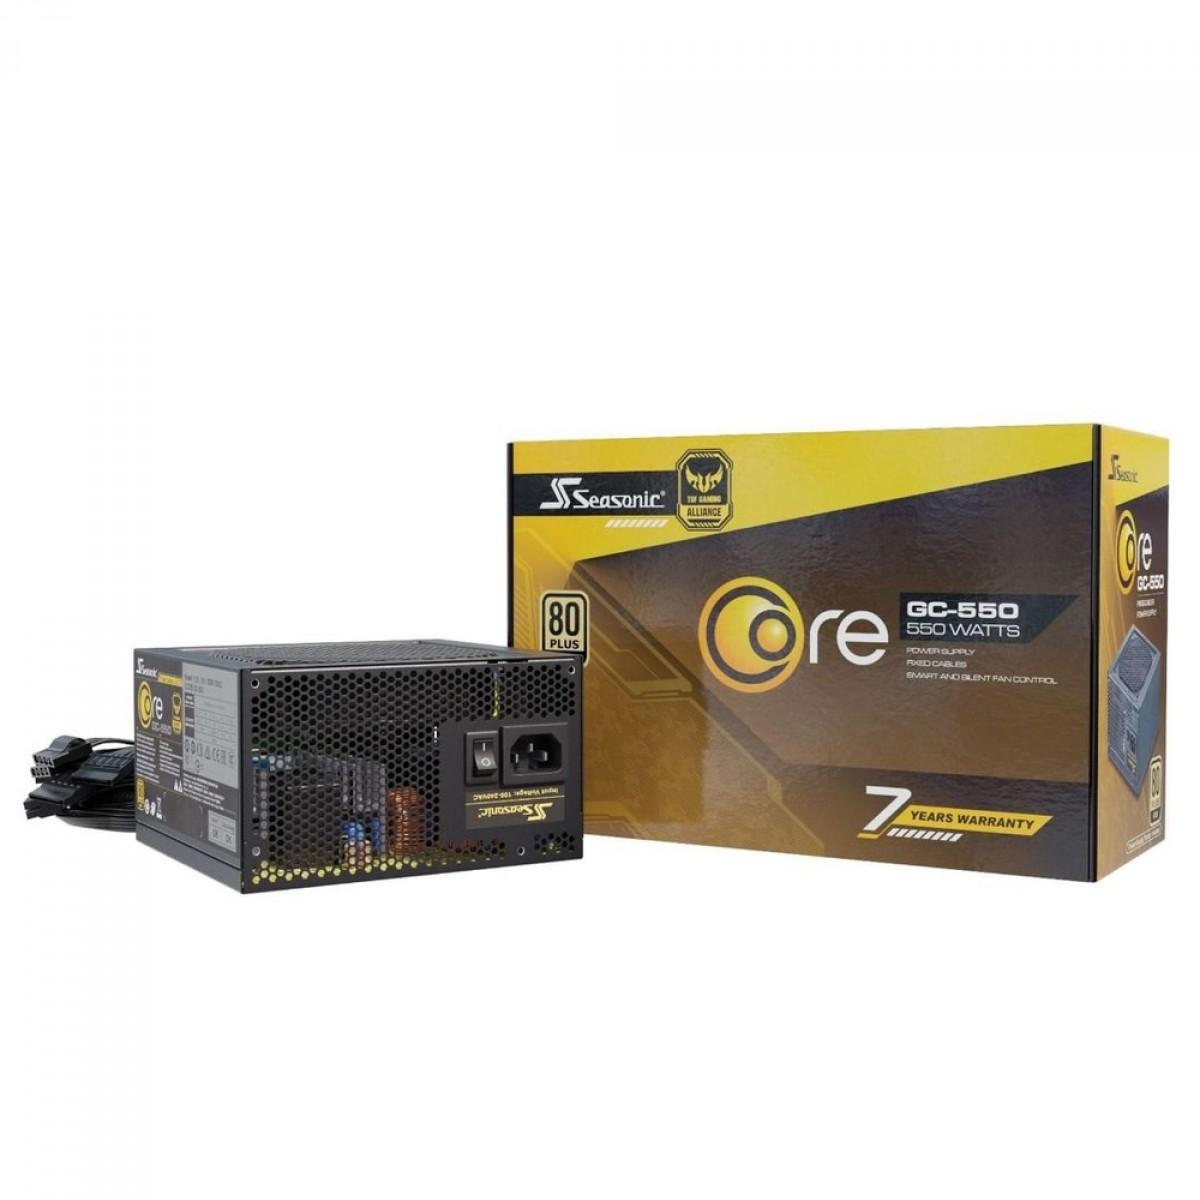 Fonte Seasonic Core GC-550, 550W, 80 Plus Gold